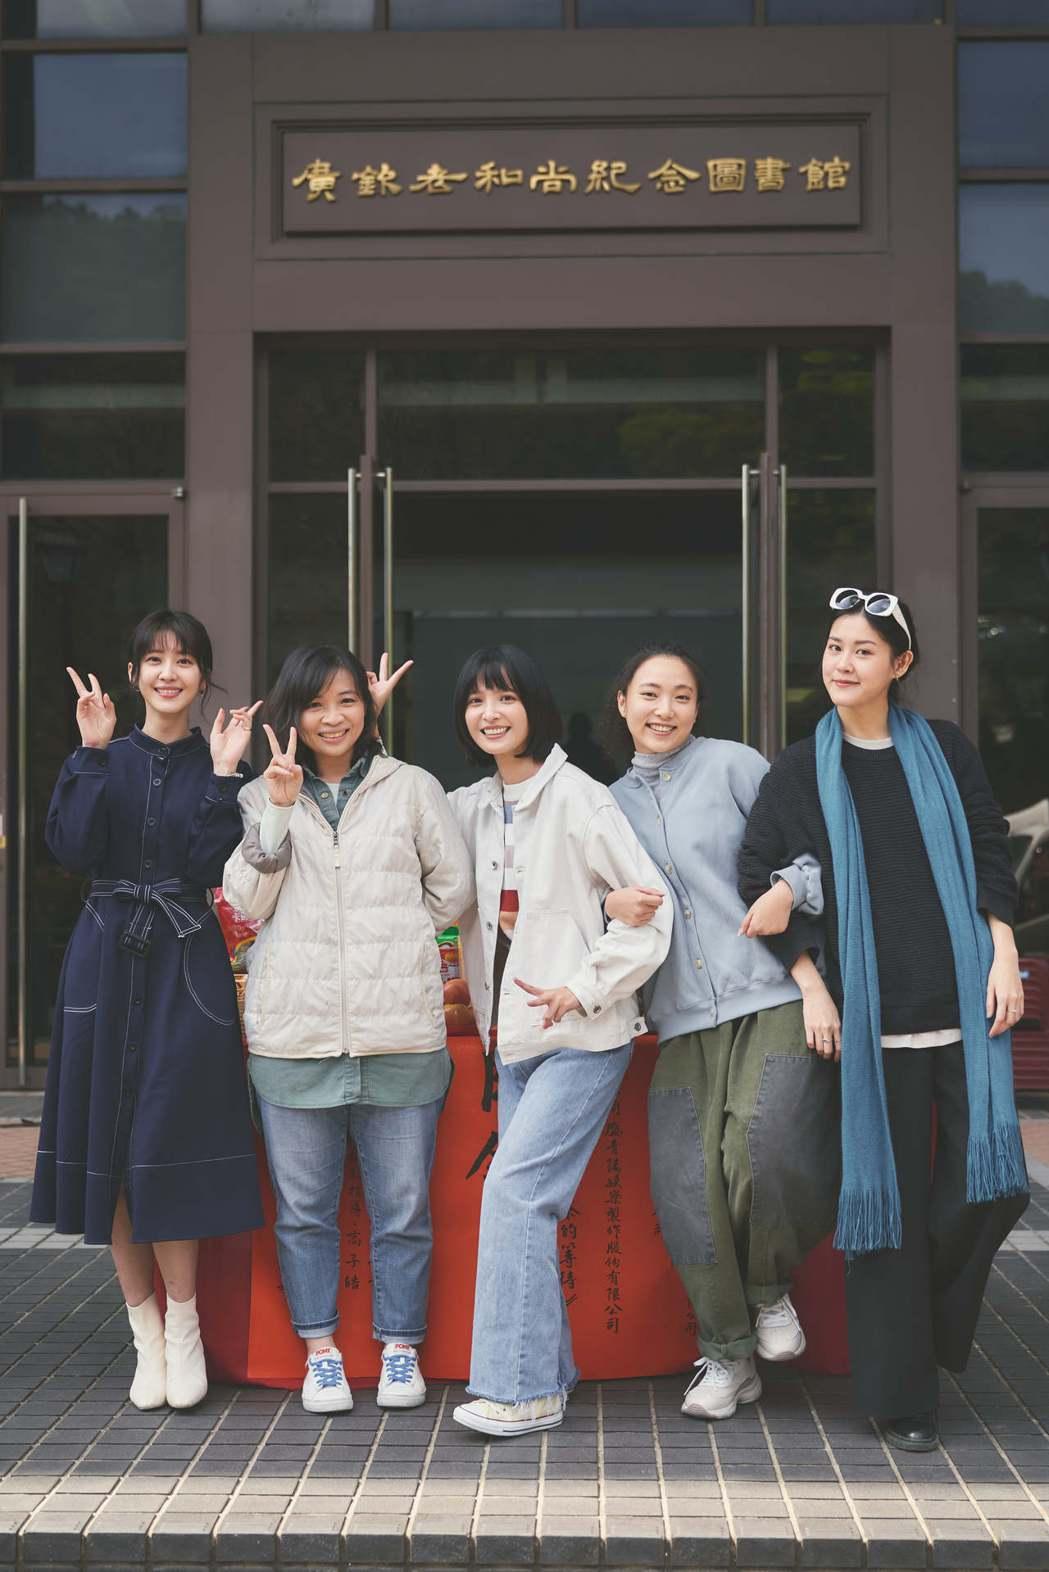 謝翔雅(左起)、導演詹馥華、吳子霏、李雪、劉宇昕出席「一杯熱奶茶的等待」開鏡儀式...